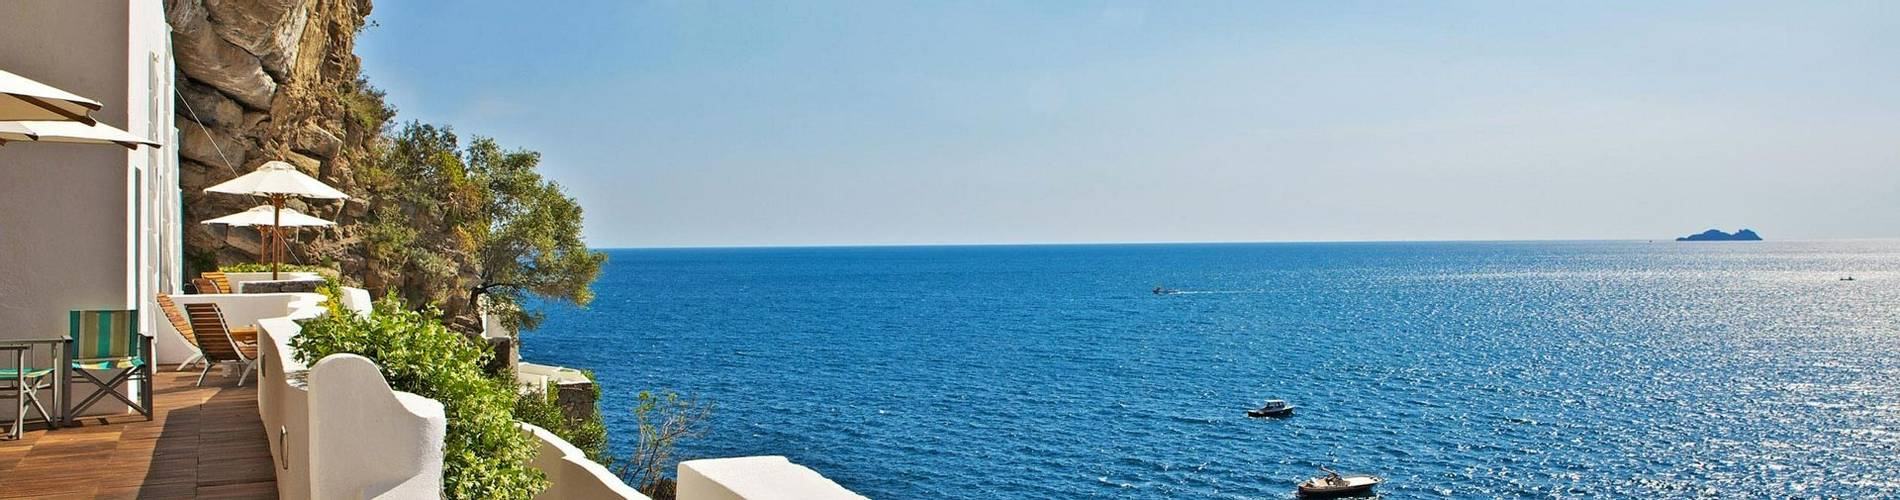 Casa Angelina, Amalfi Coast, Italy (80).jpg